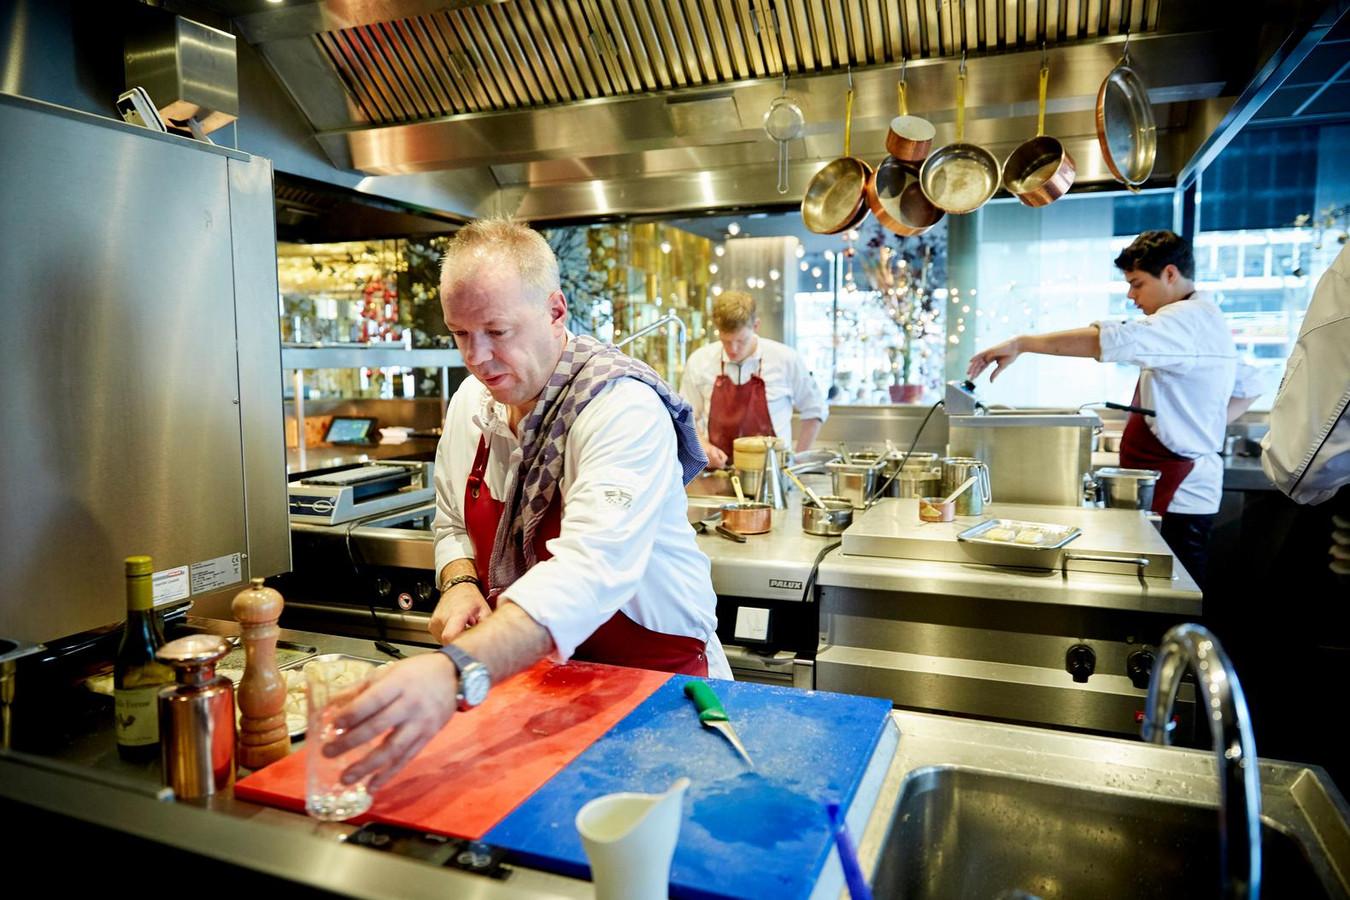 Chefkok Mario Ridder ontvangt nog steeds eters in zijn restaurant Joelia in het Hilton Hotel aan de Coolsingel. Alle eters worden namelijk geregistreerd als hotelgast.